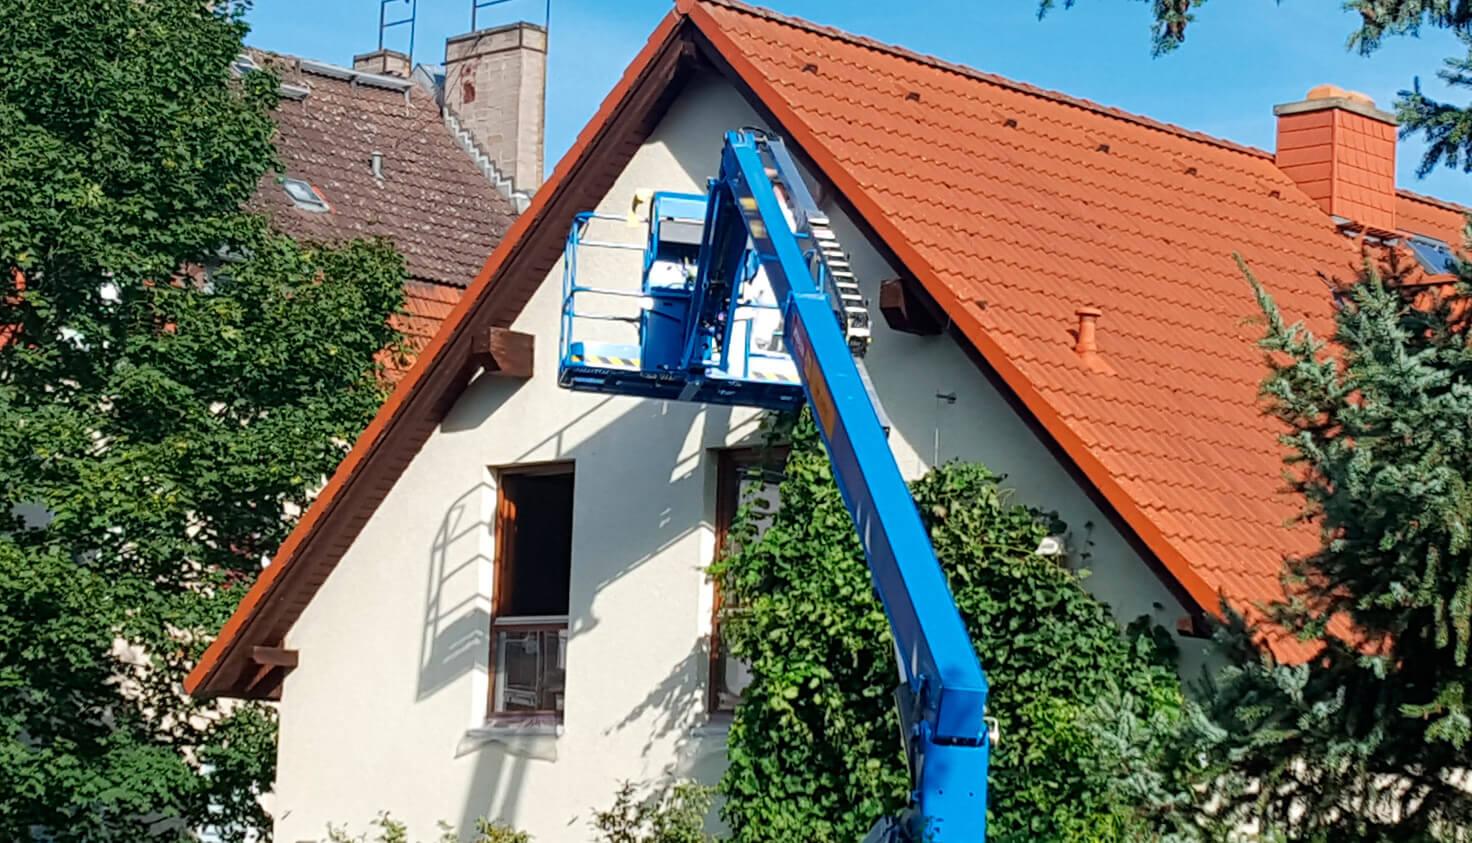 Löwe Dachkastenbeschichtung - Referenz Malerbetrieb Kluge Berlin